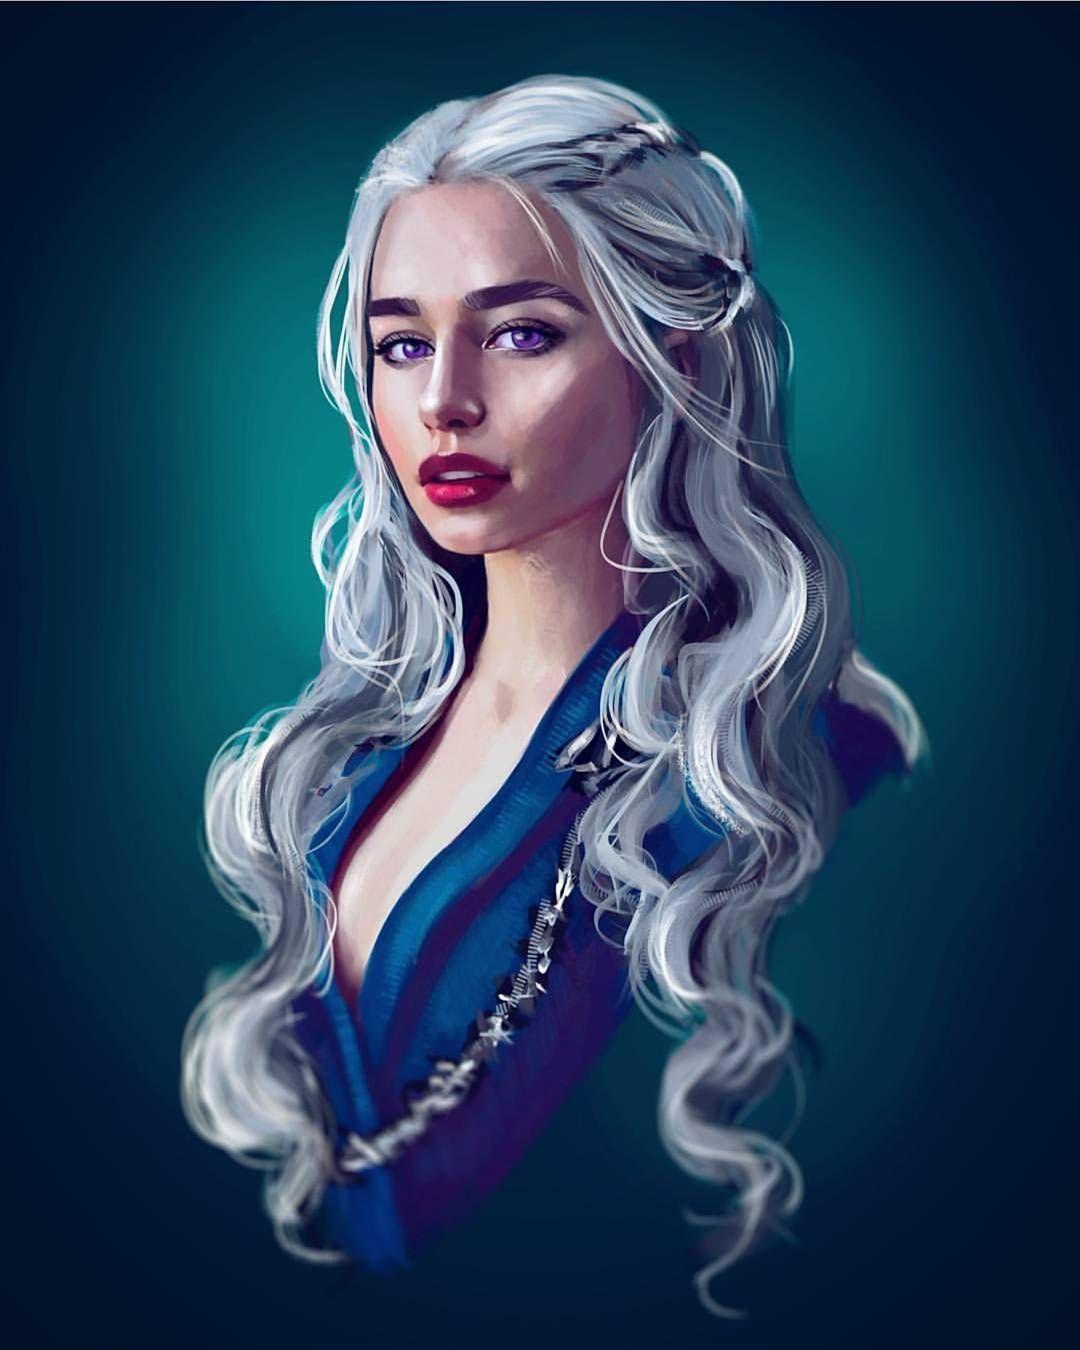 77 Likes 3 Comments Daenerys Aegon Targaryen Iceandfire Got On Instagram Daenerys Stormborn T Targaryen Art Daenerys Targaryen Art Game Of Thrones Art